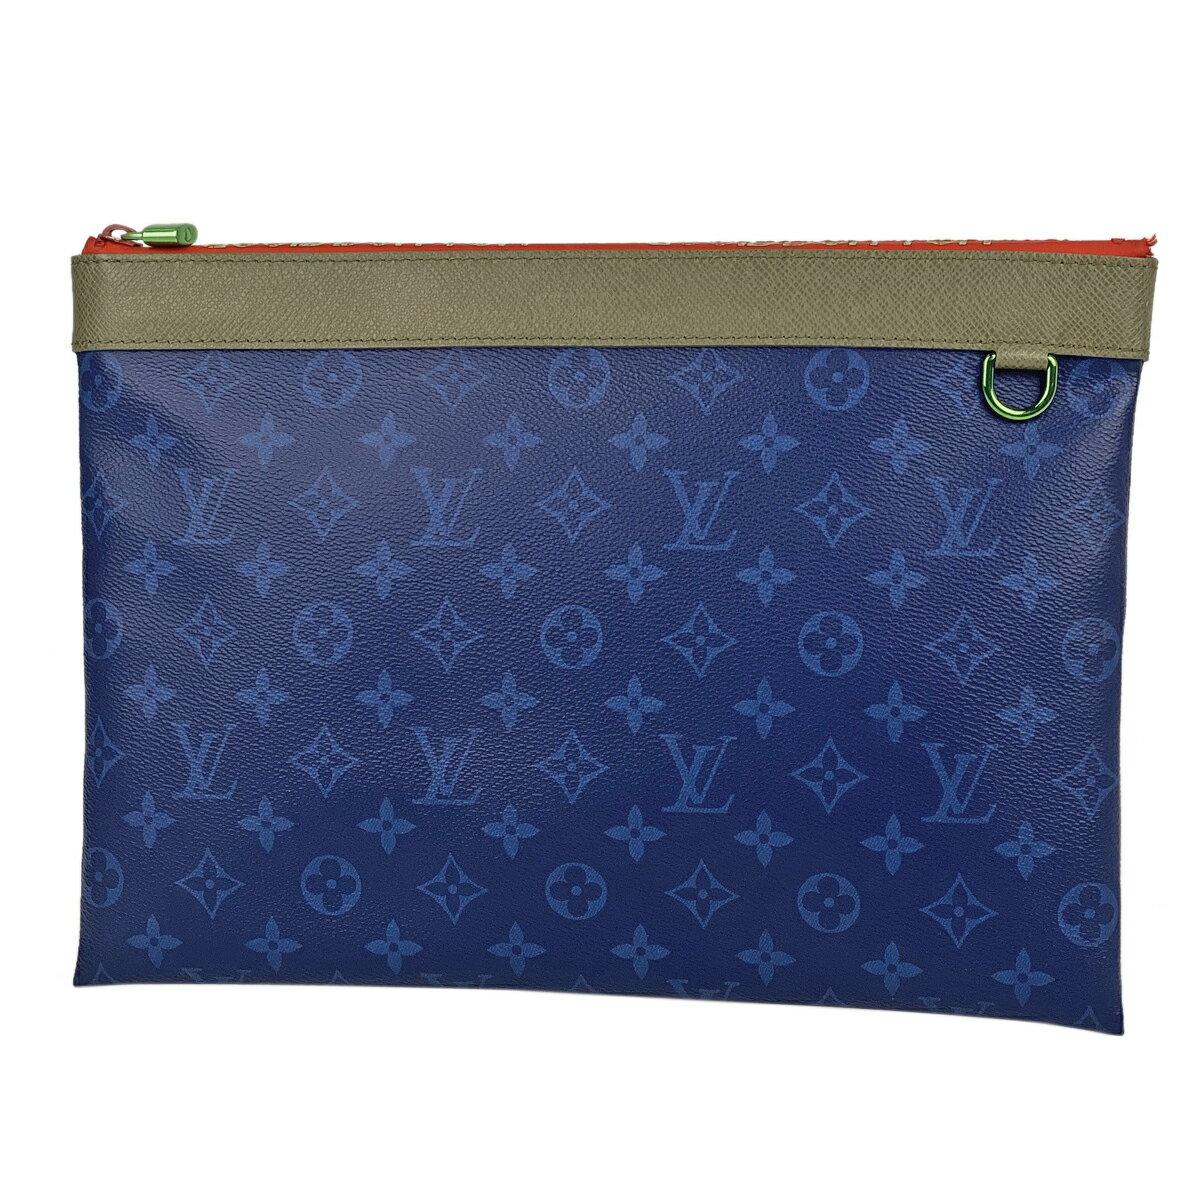 レディースバッグ, クラッチバッグ・セカンドバッグ  Louis Vuitton M63047